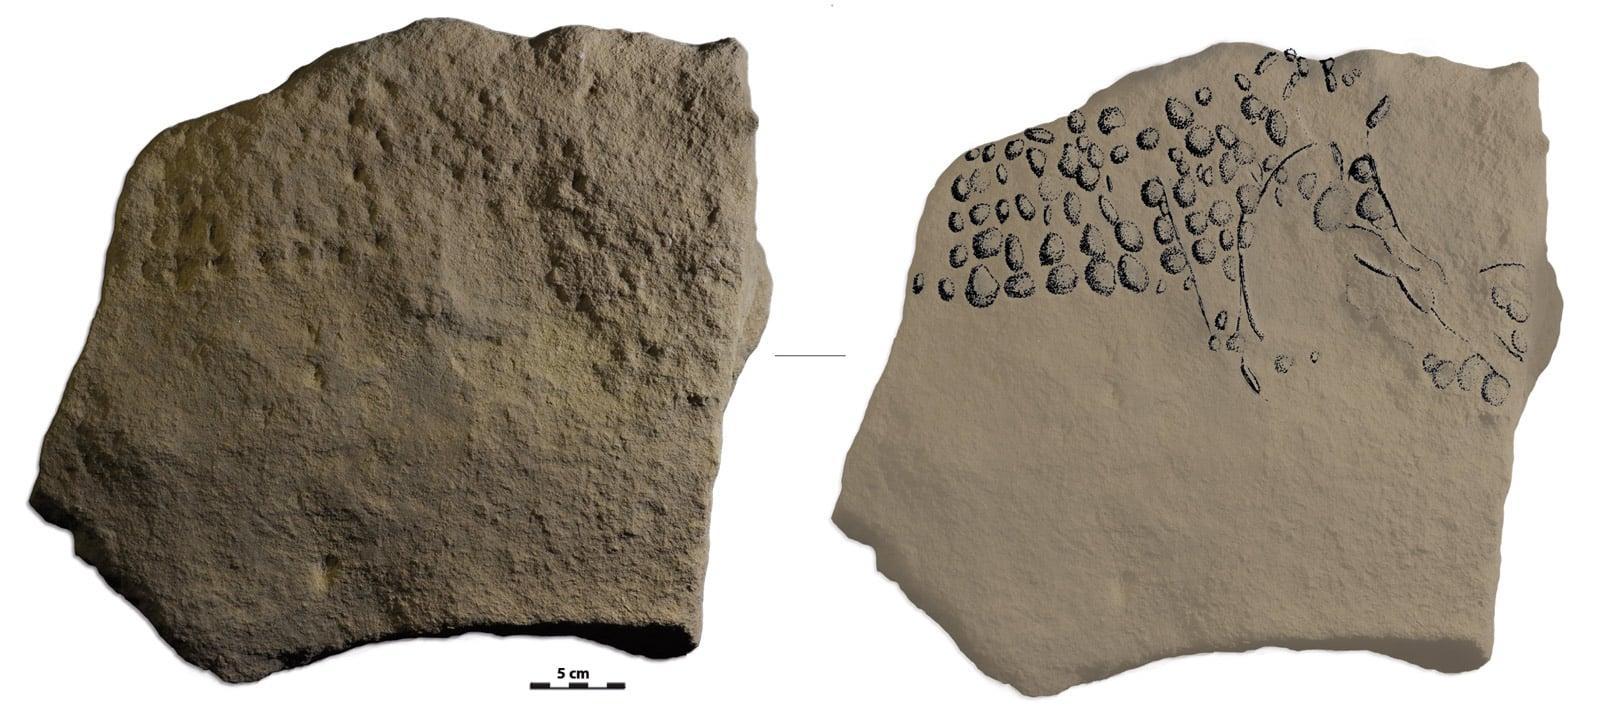 pointillist mammoth on limestone